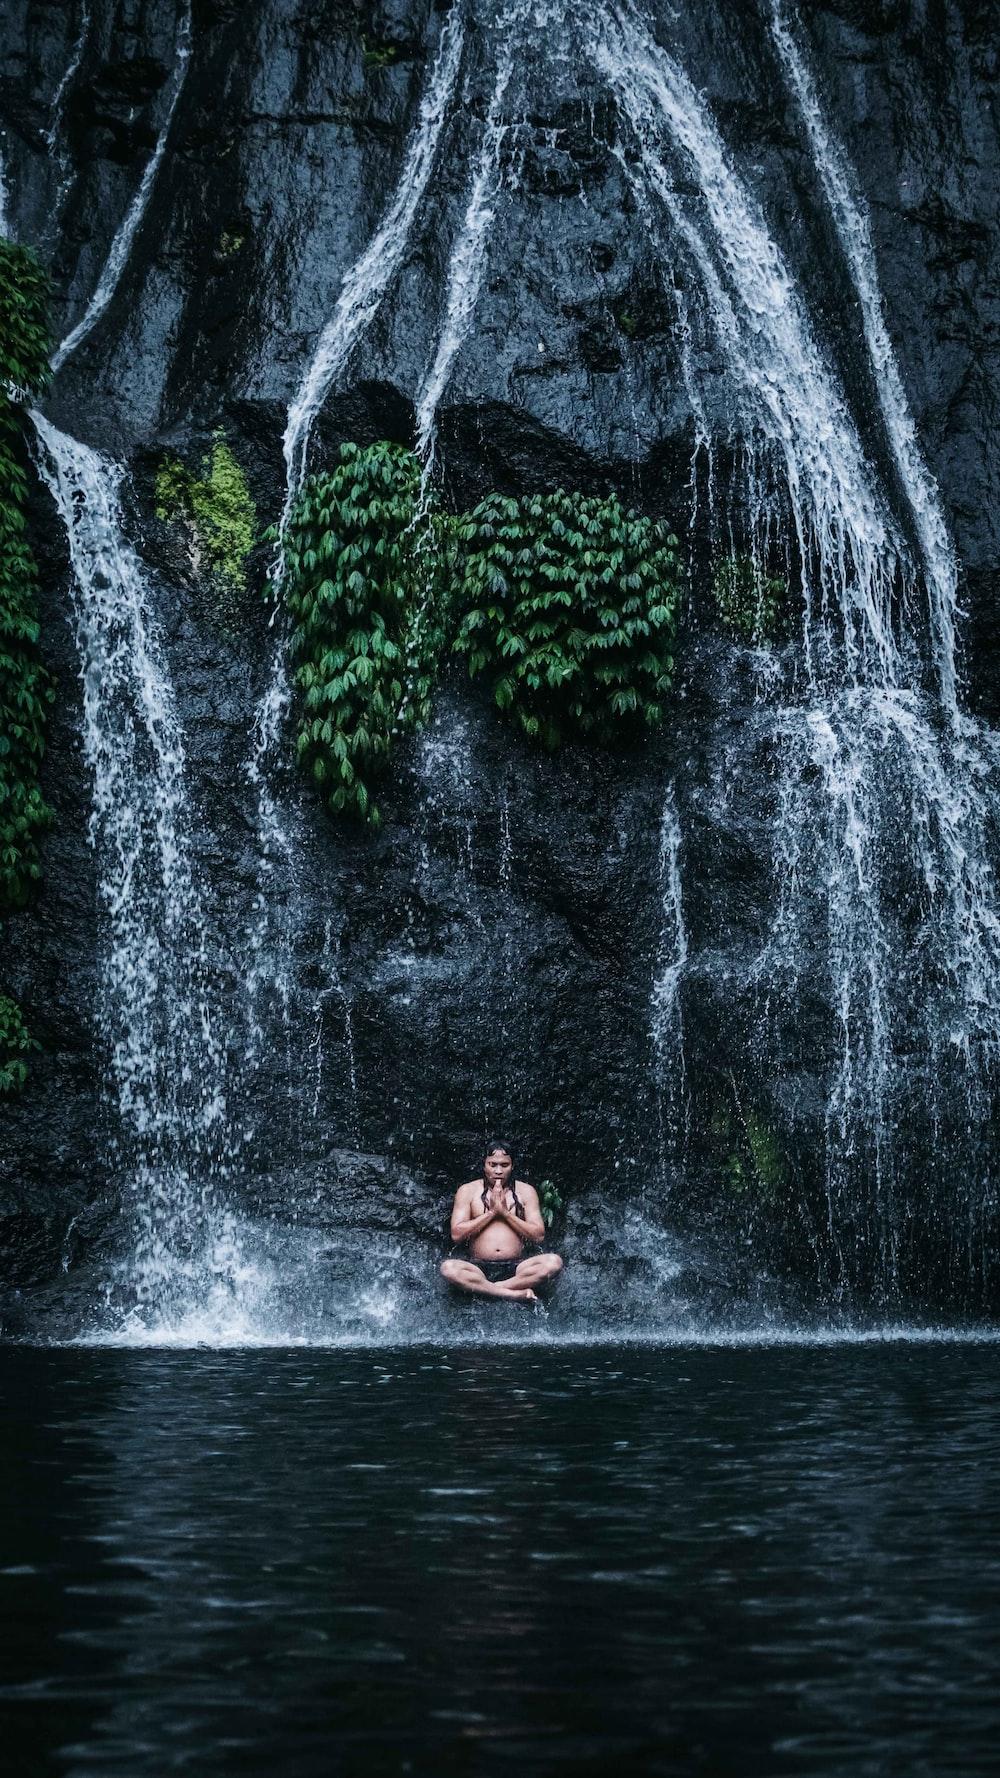 woman in black bikini sitting on water fountain